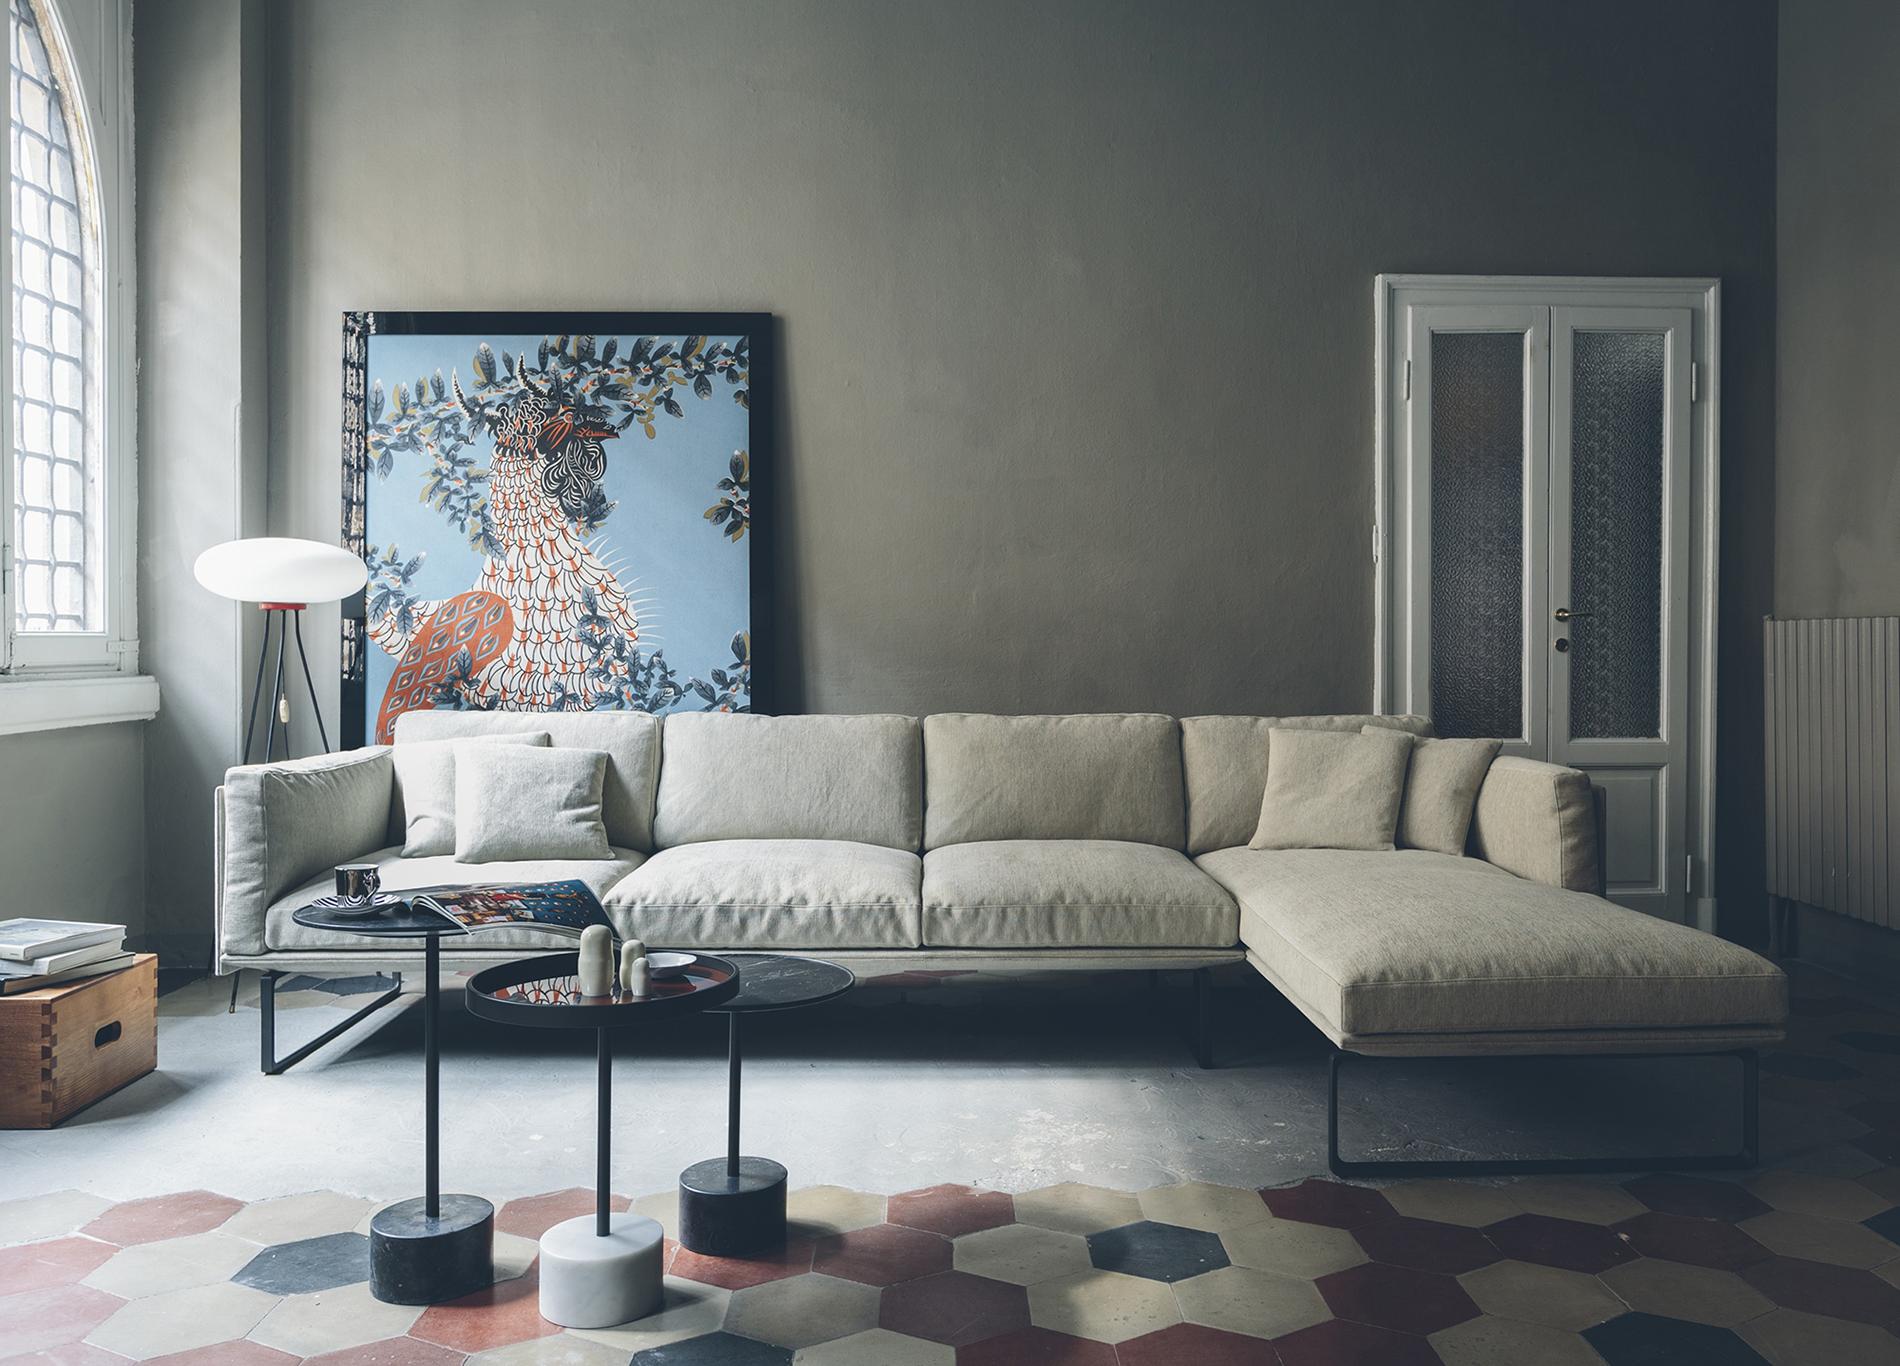 12 Dinge, die ein Mann für eine wohnliche Wohnung braucht | Sweet Home